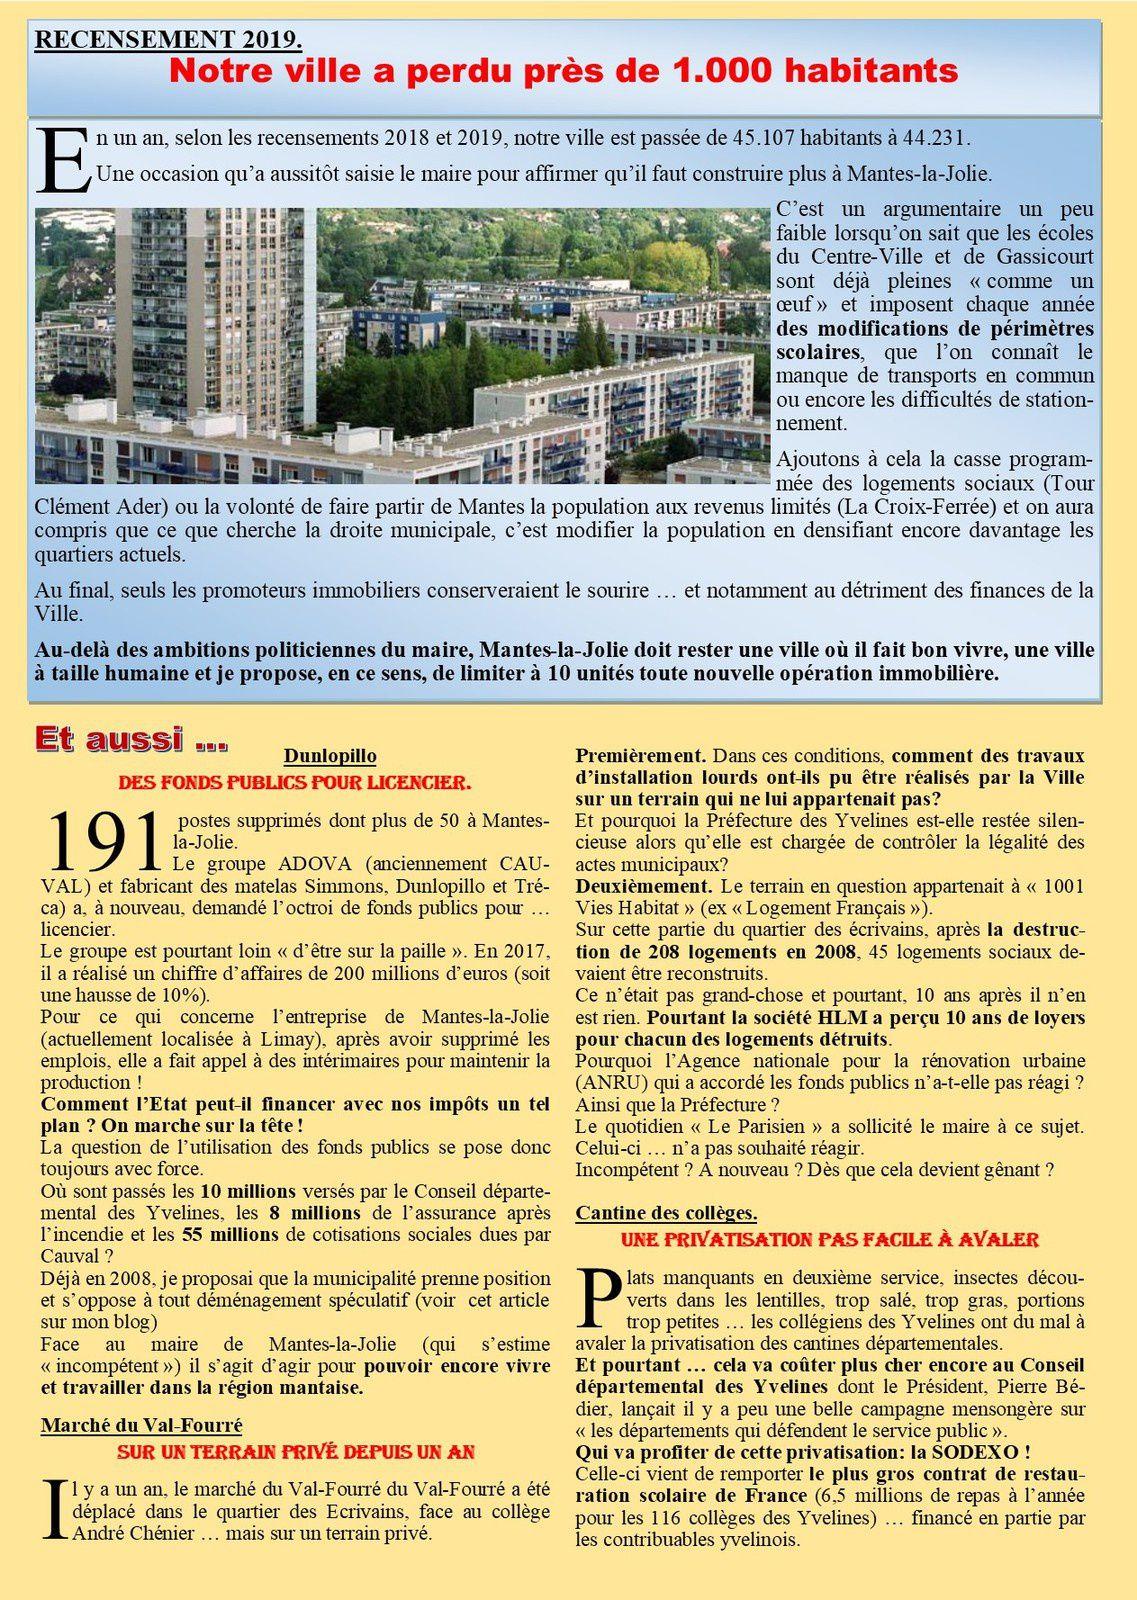 Mantes-la-Jolie. Lettre d'informations municipales de notre élu